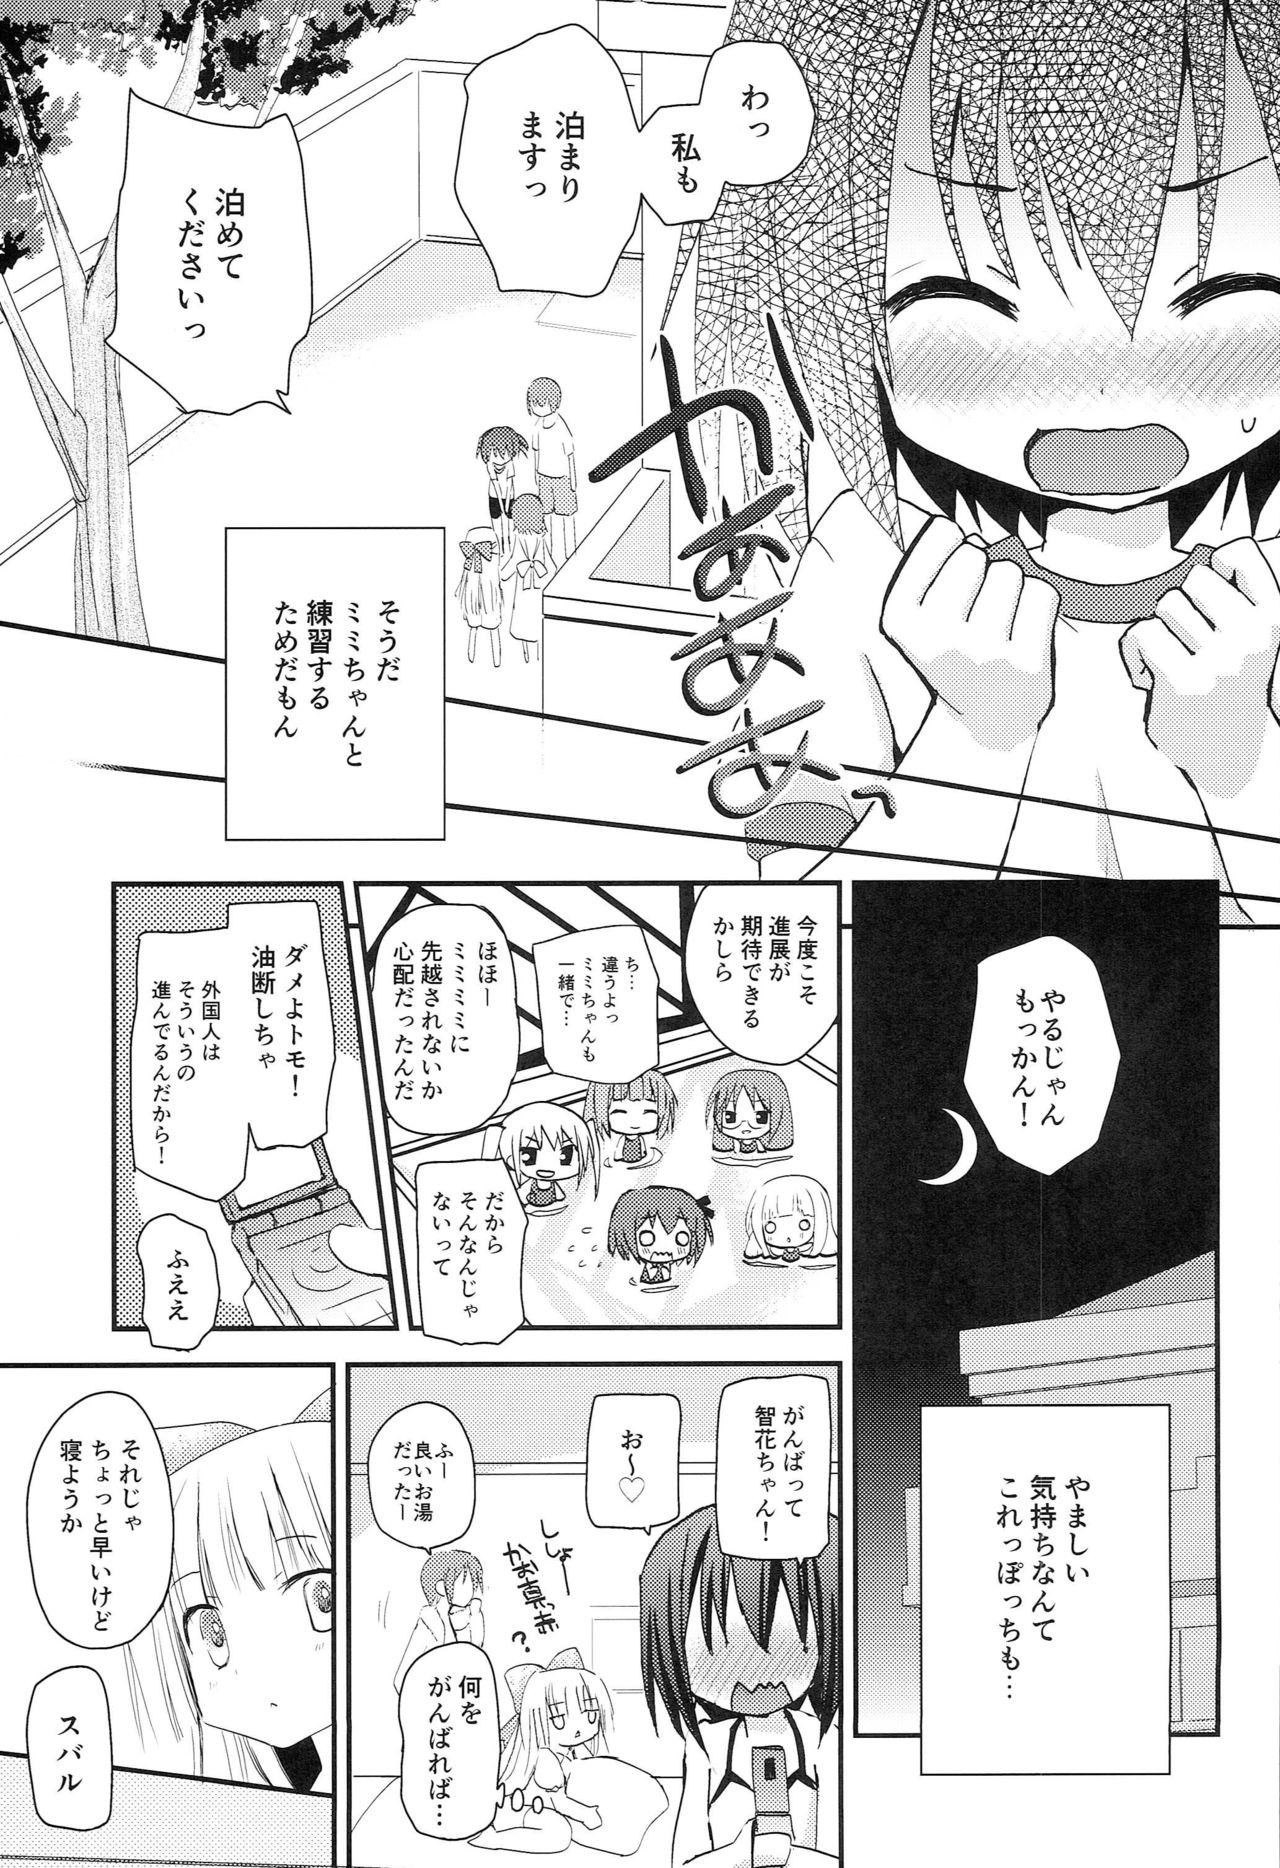 Tomoka to Mimi no Otomari 3P 3